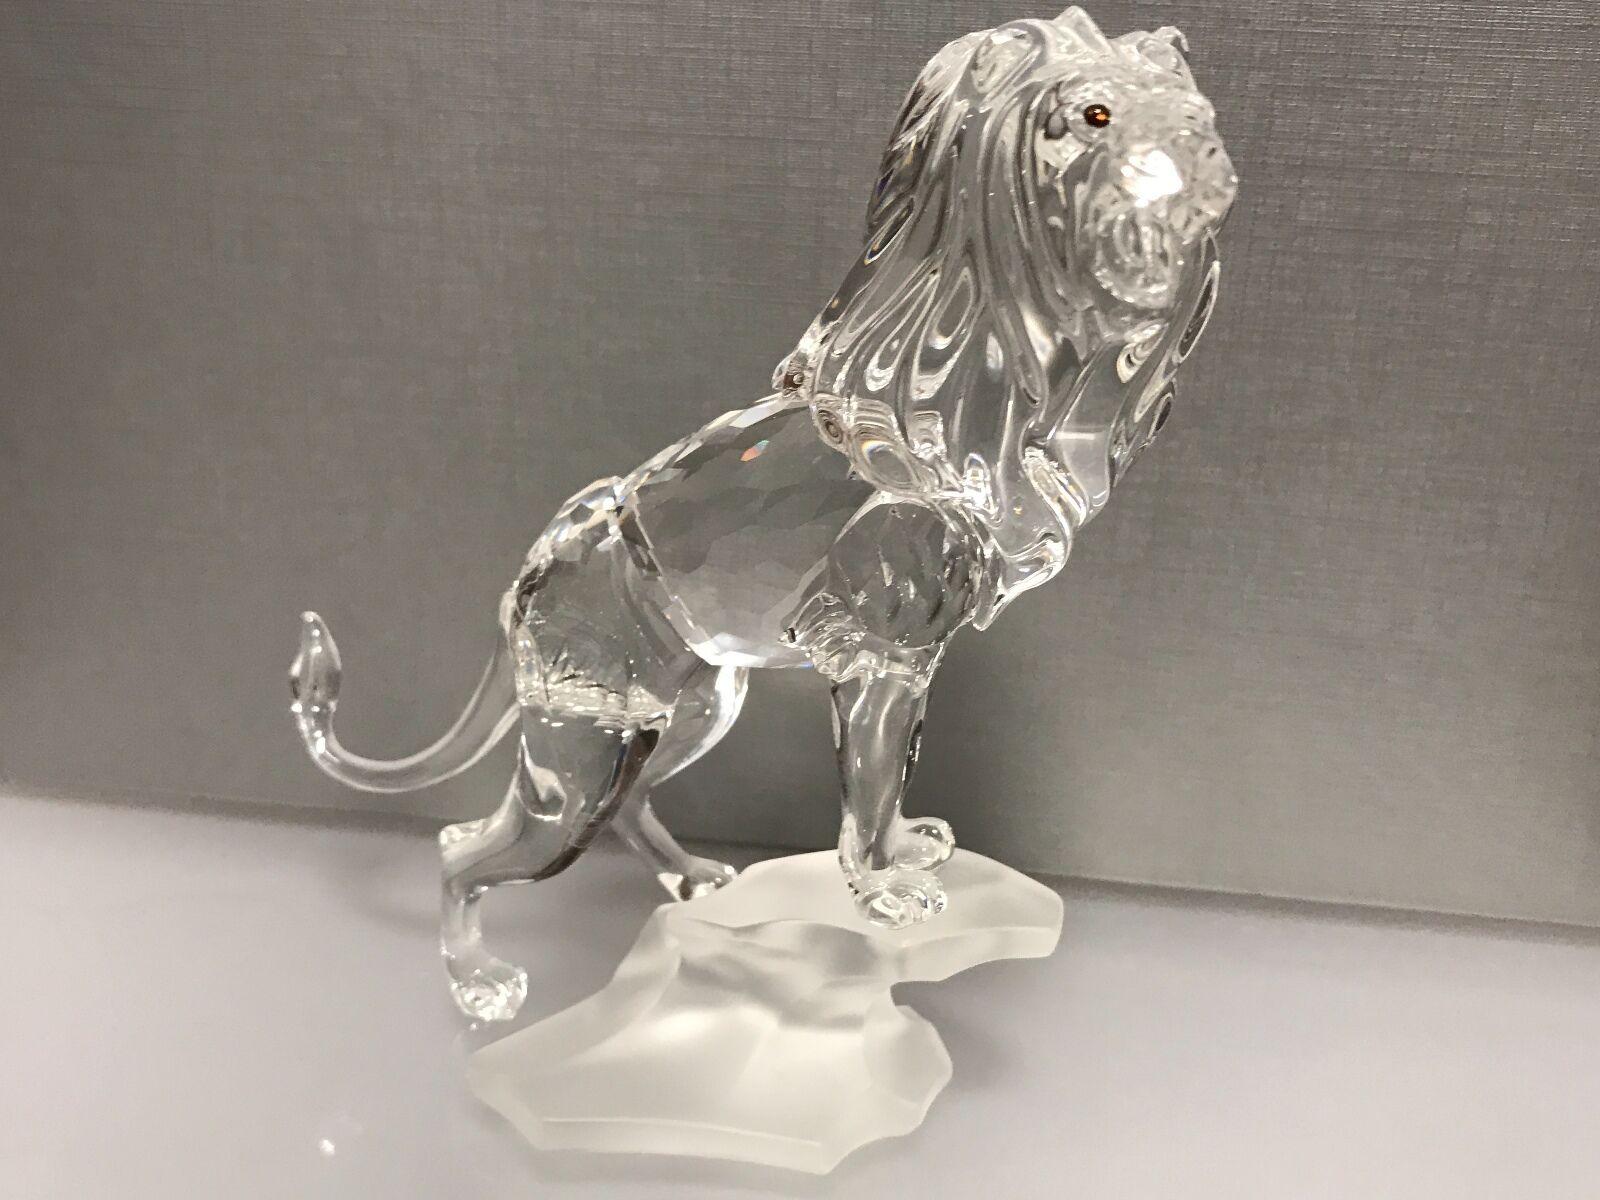 Swarovski Figur Löwe Mufasa 12 cm. Top Zustand.